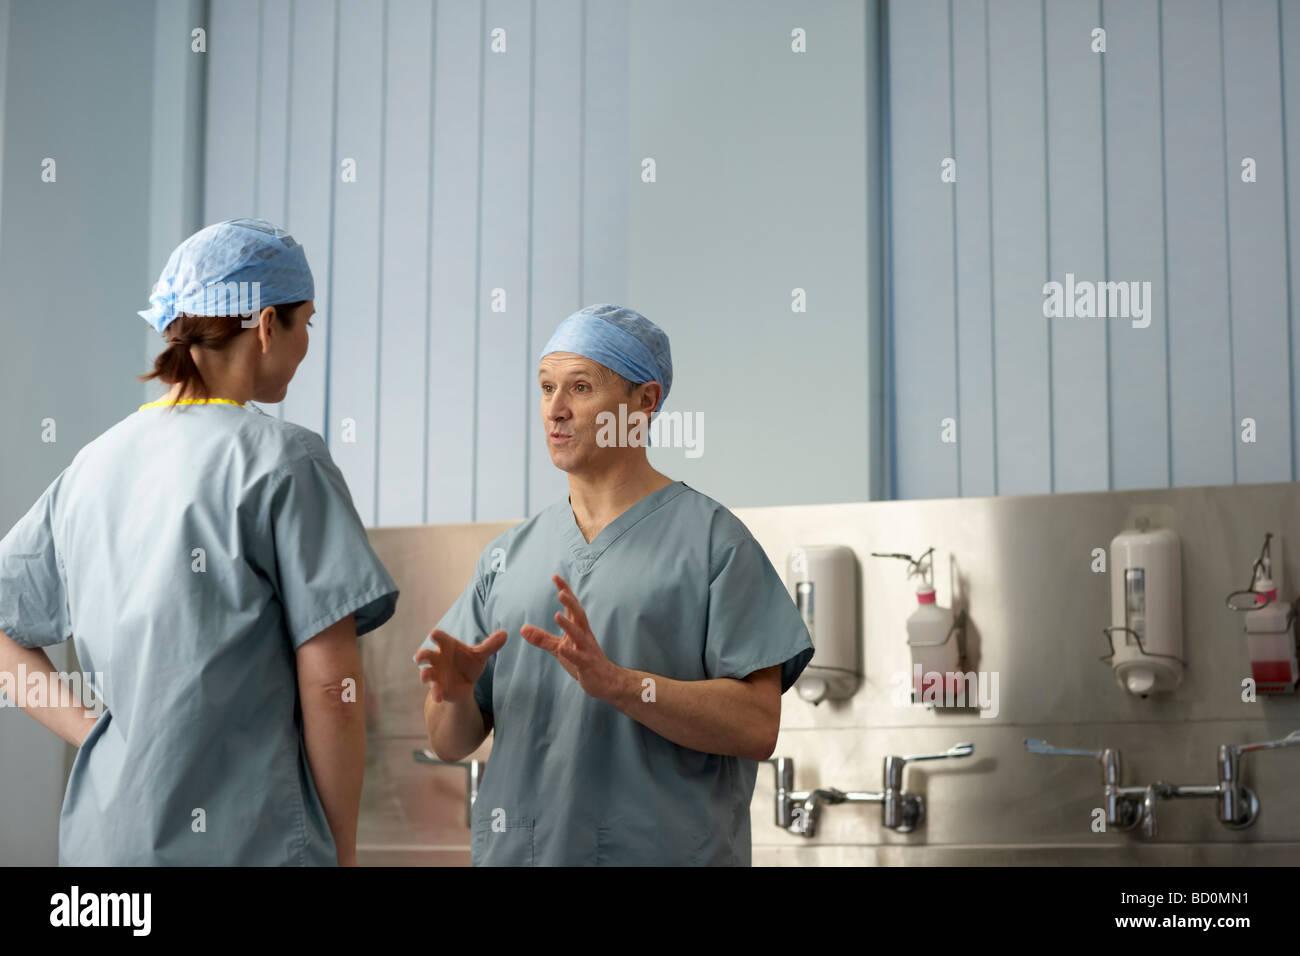 Le personnel médical dans scrubs en discussion Photo Stock